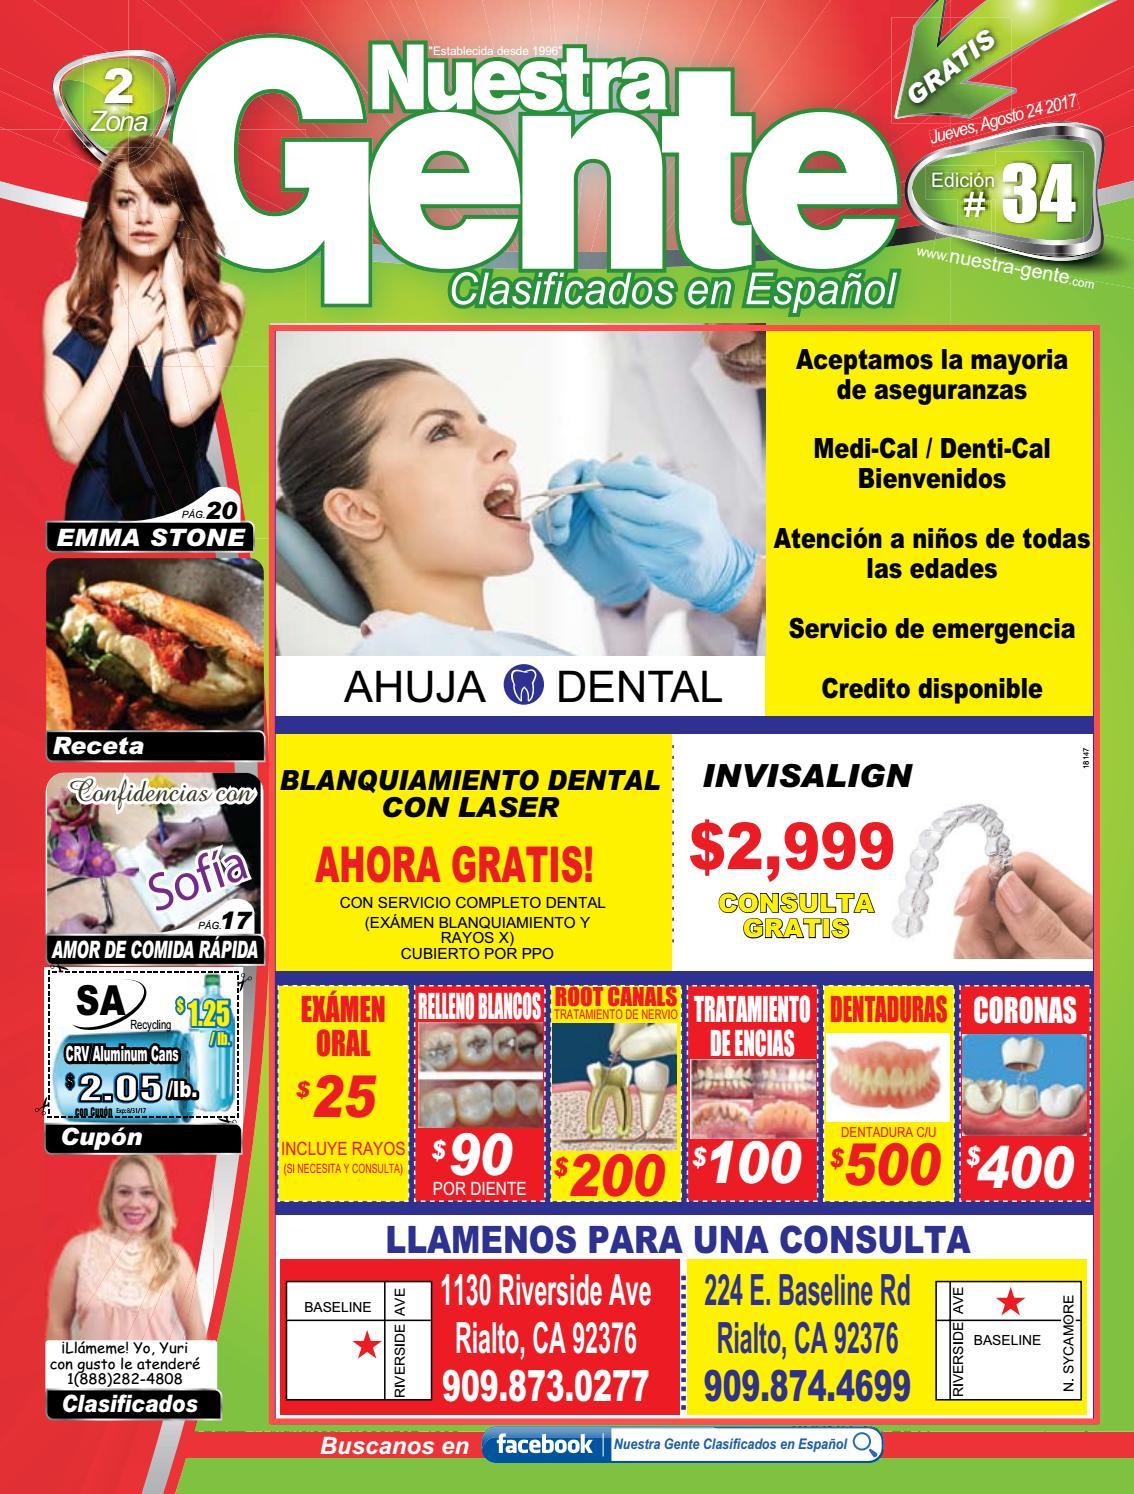 Nuestra Gente 2017 Edicion 34 Zona 2 by Nuestra Gente - issuu